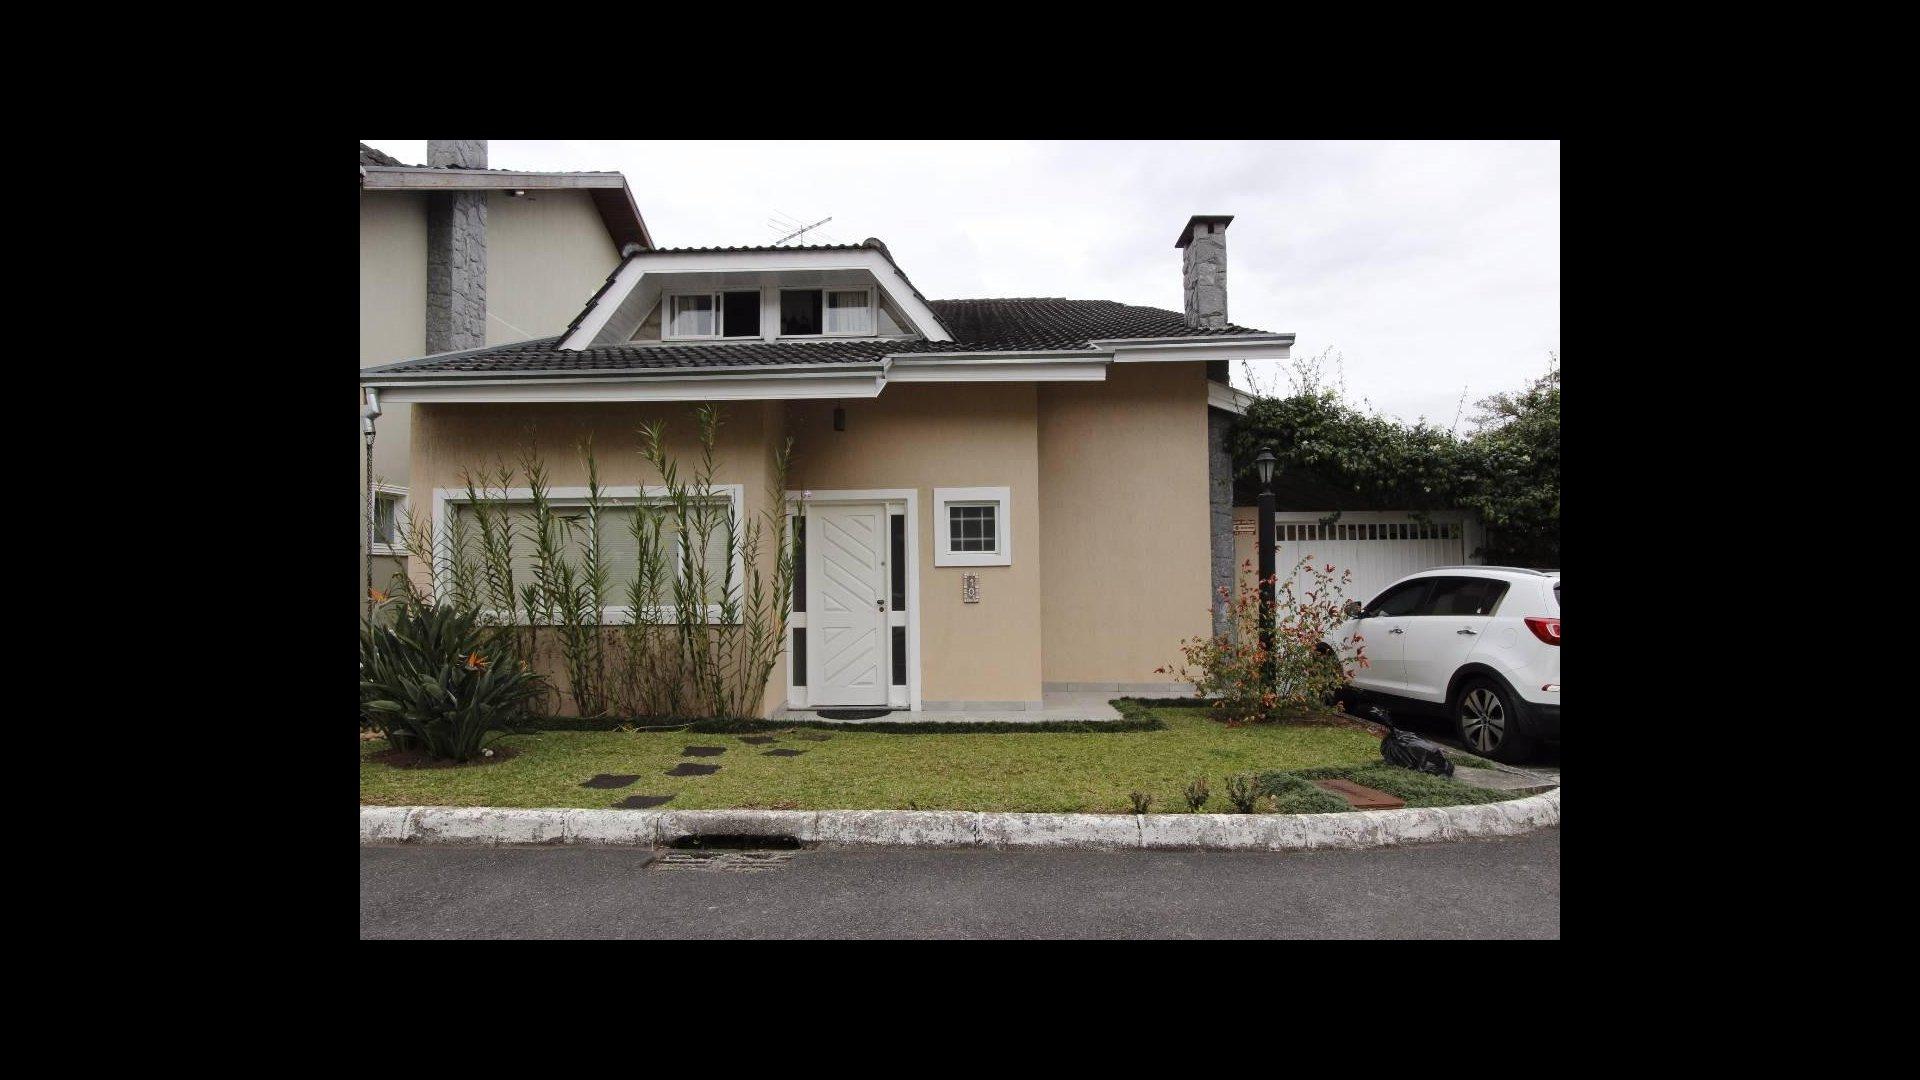 Casa Santa Felicidade Direto Com Propriet Rio Enrique ~ Quarto E Cozinha Para Alugar Direto Com Proprietario